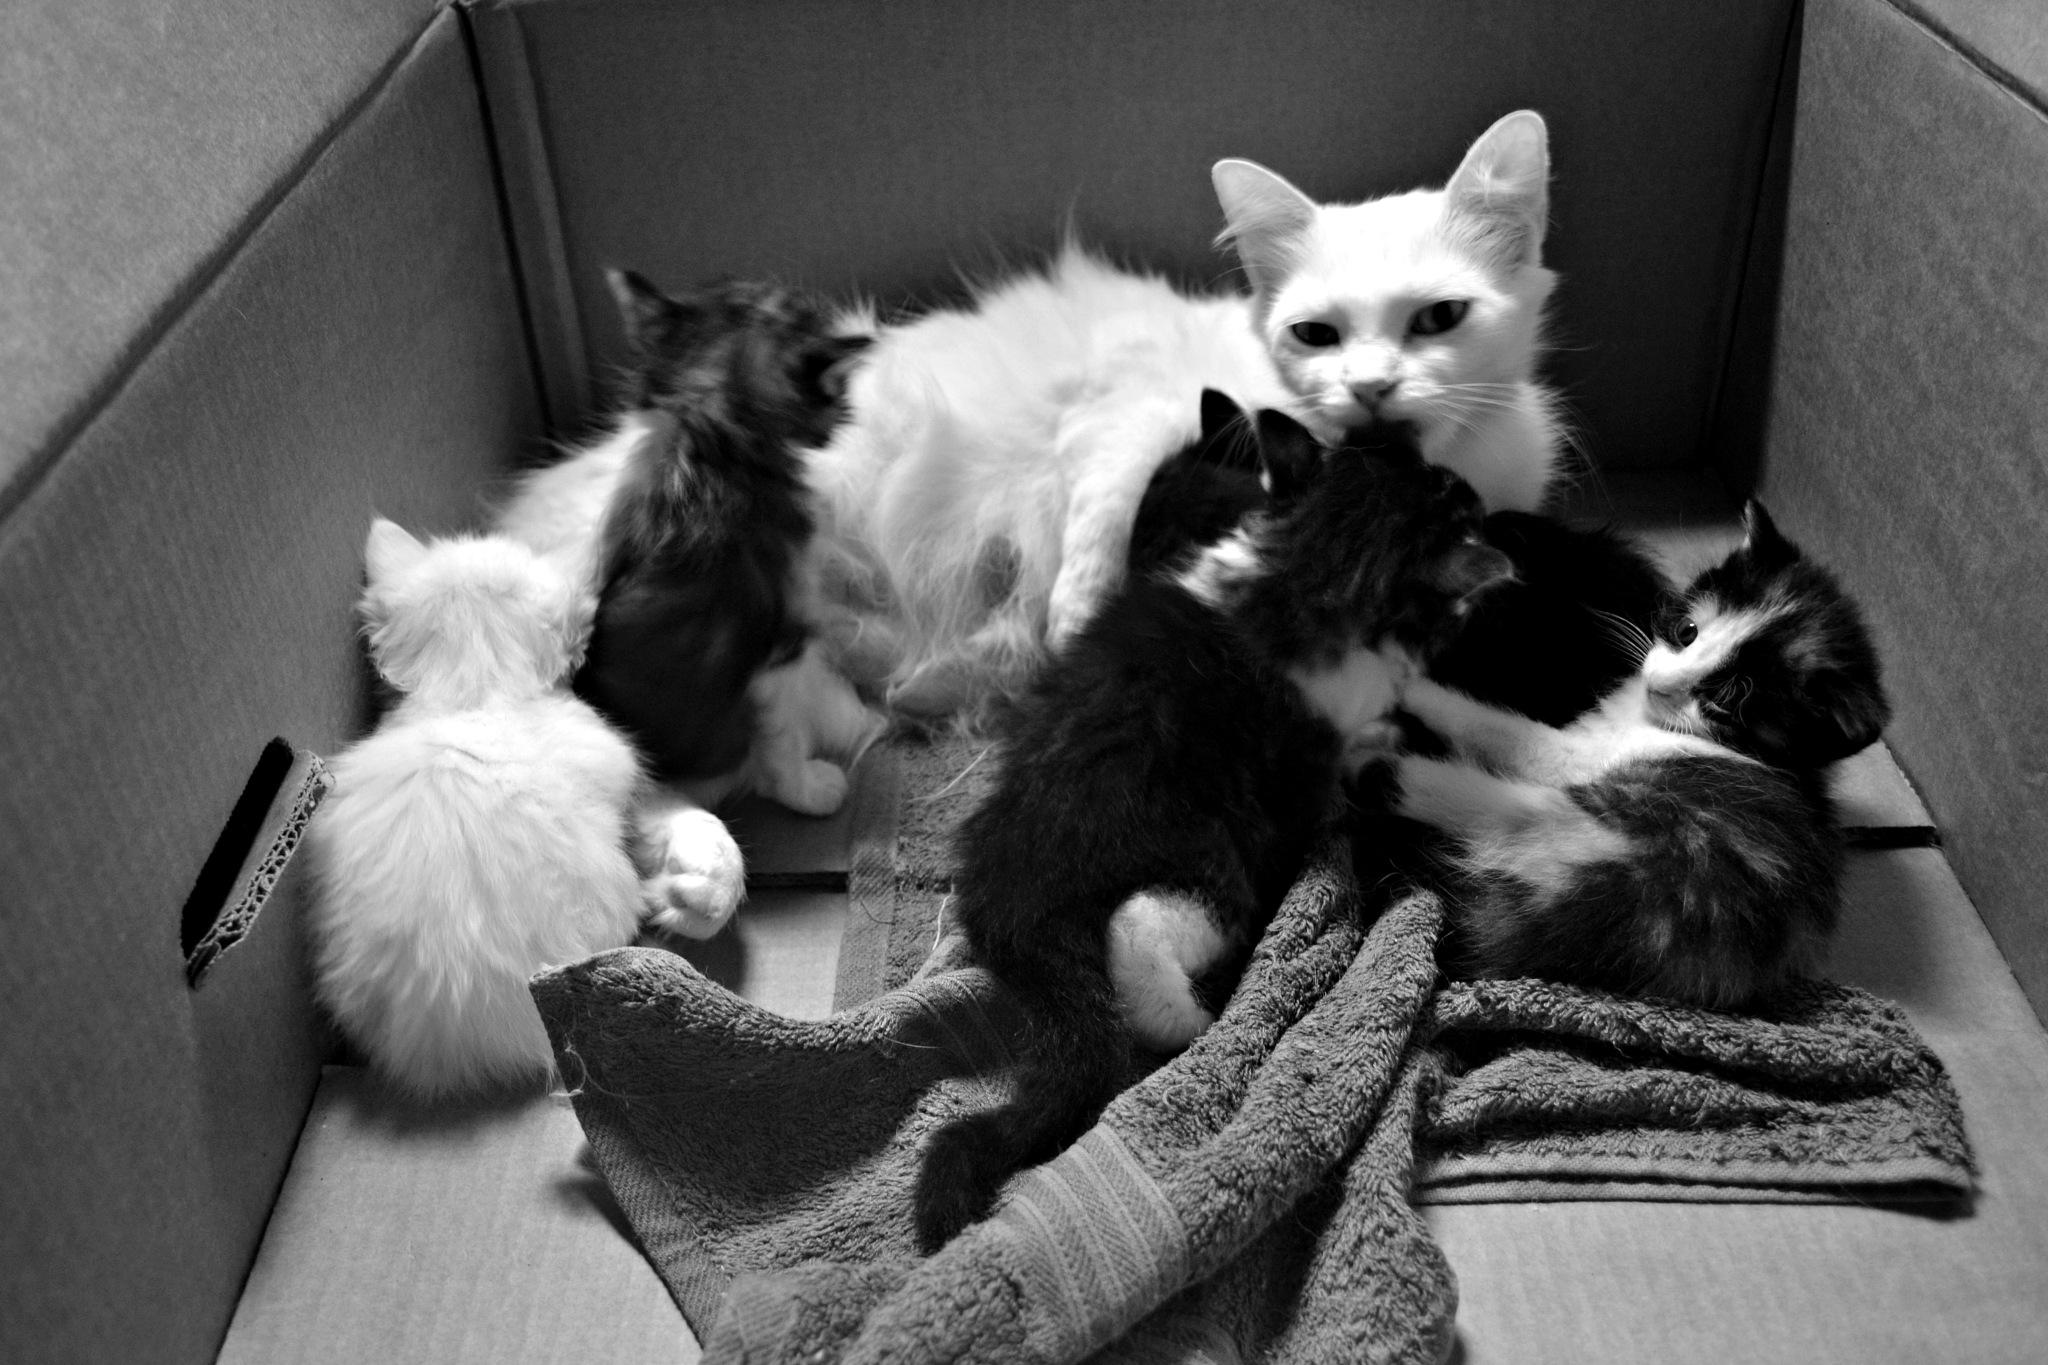 Box of cats by CarlaLuma